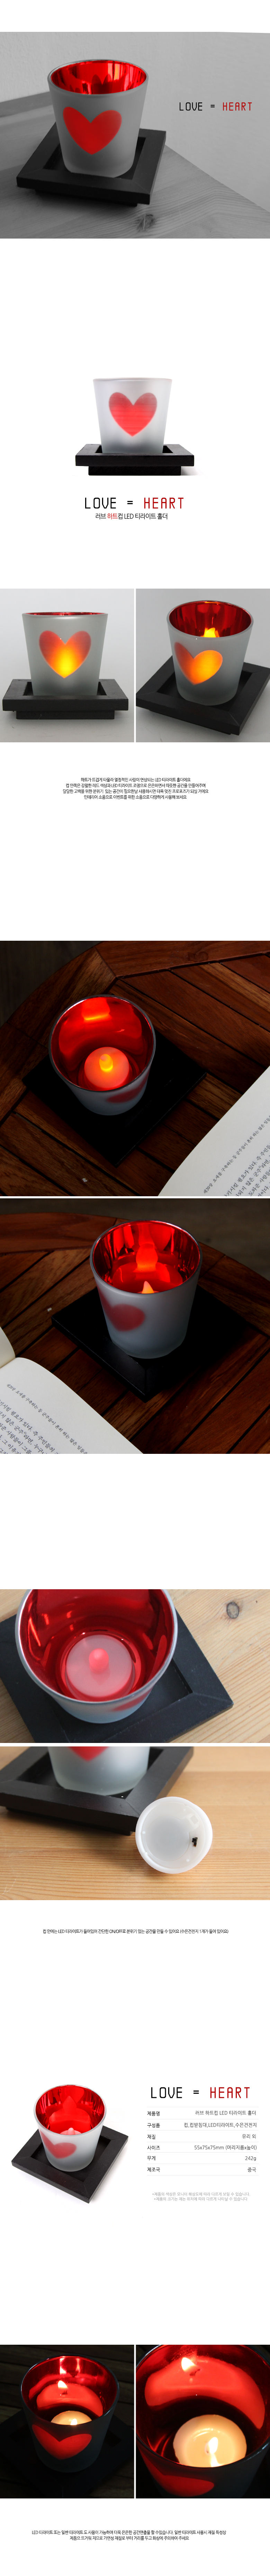 러브 하트컵 LED 티라이트 홀더 - 디자인에버, 9,000원, 캔들, 캔들홀더/소품